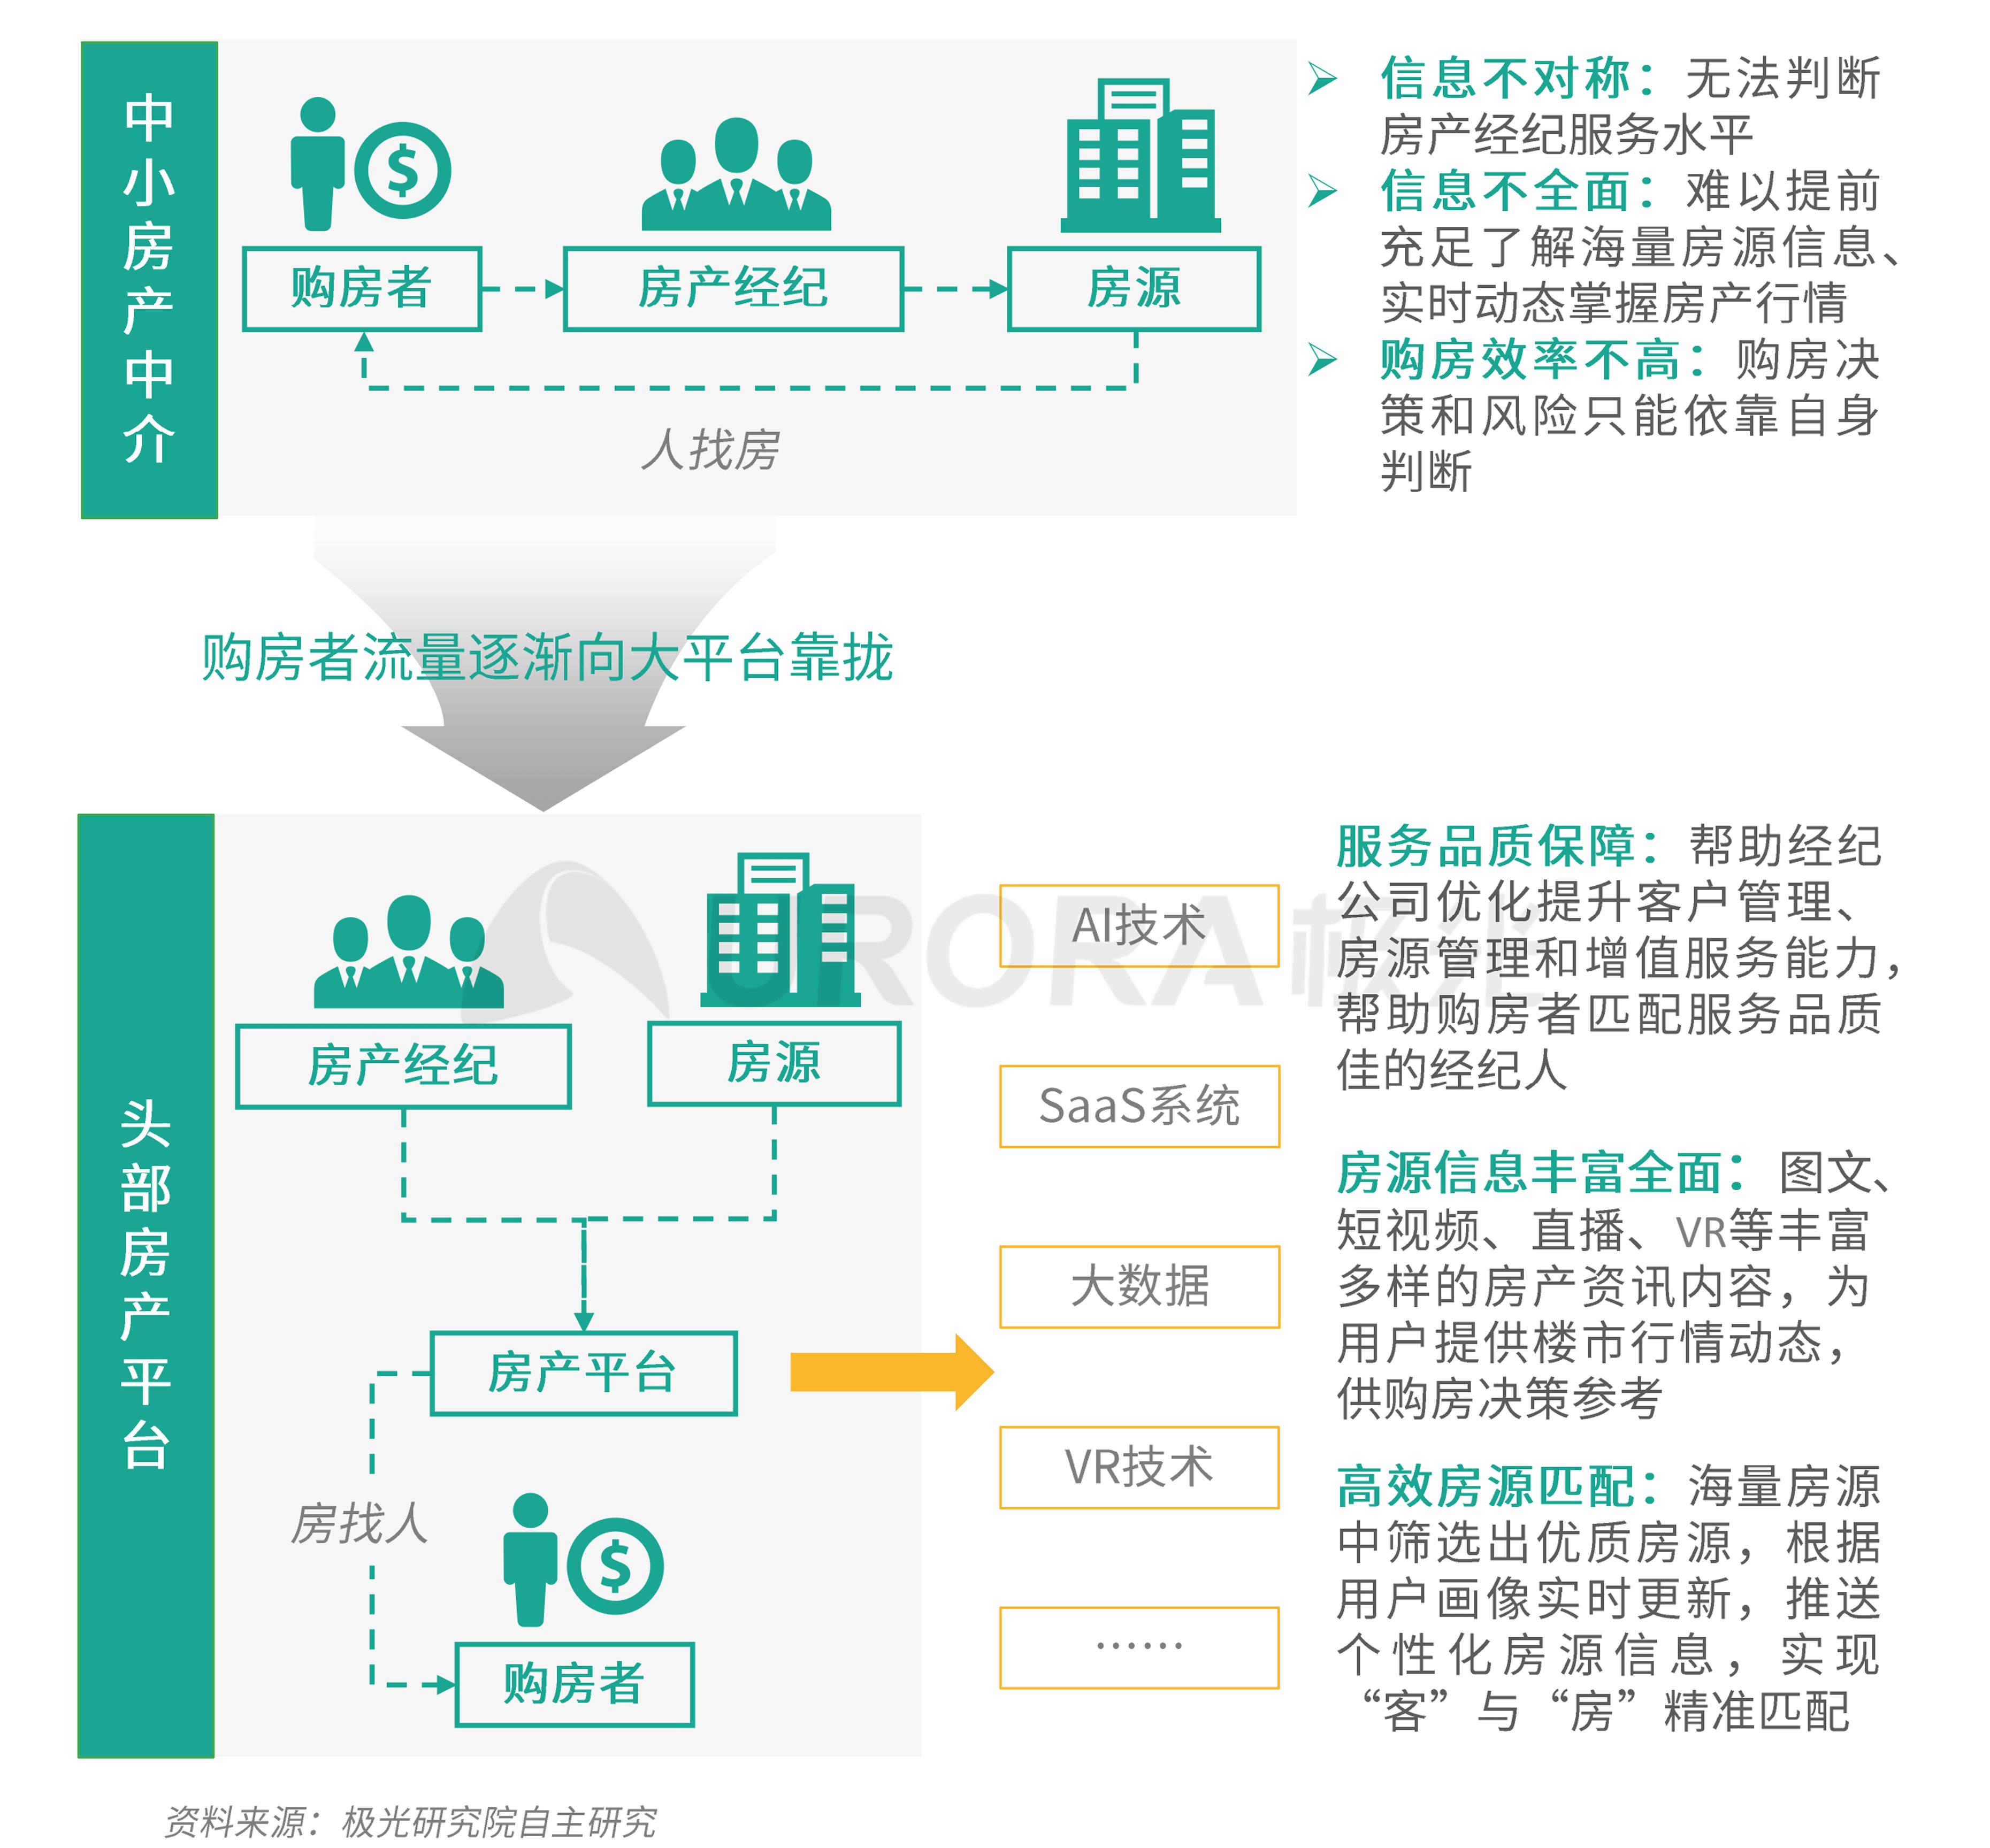 极光:数字经济新时代,房产平台新机遇 (21).png